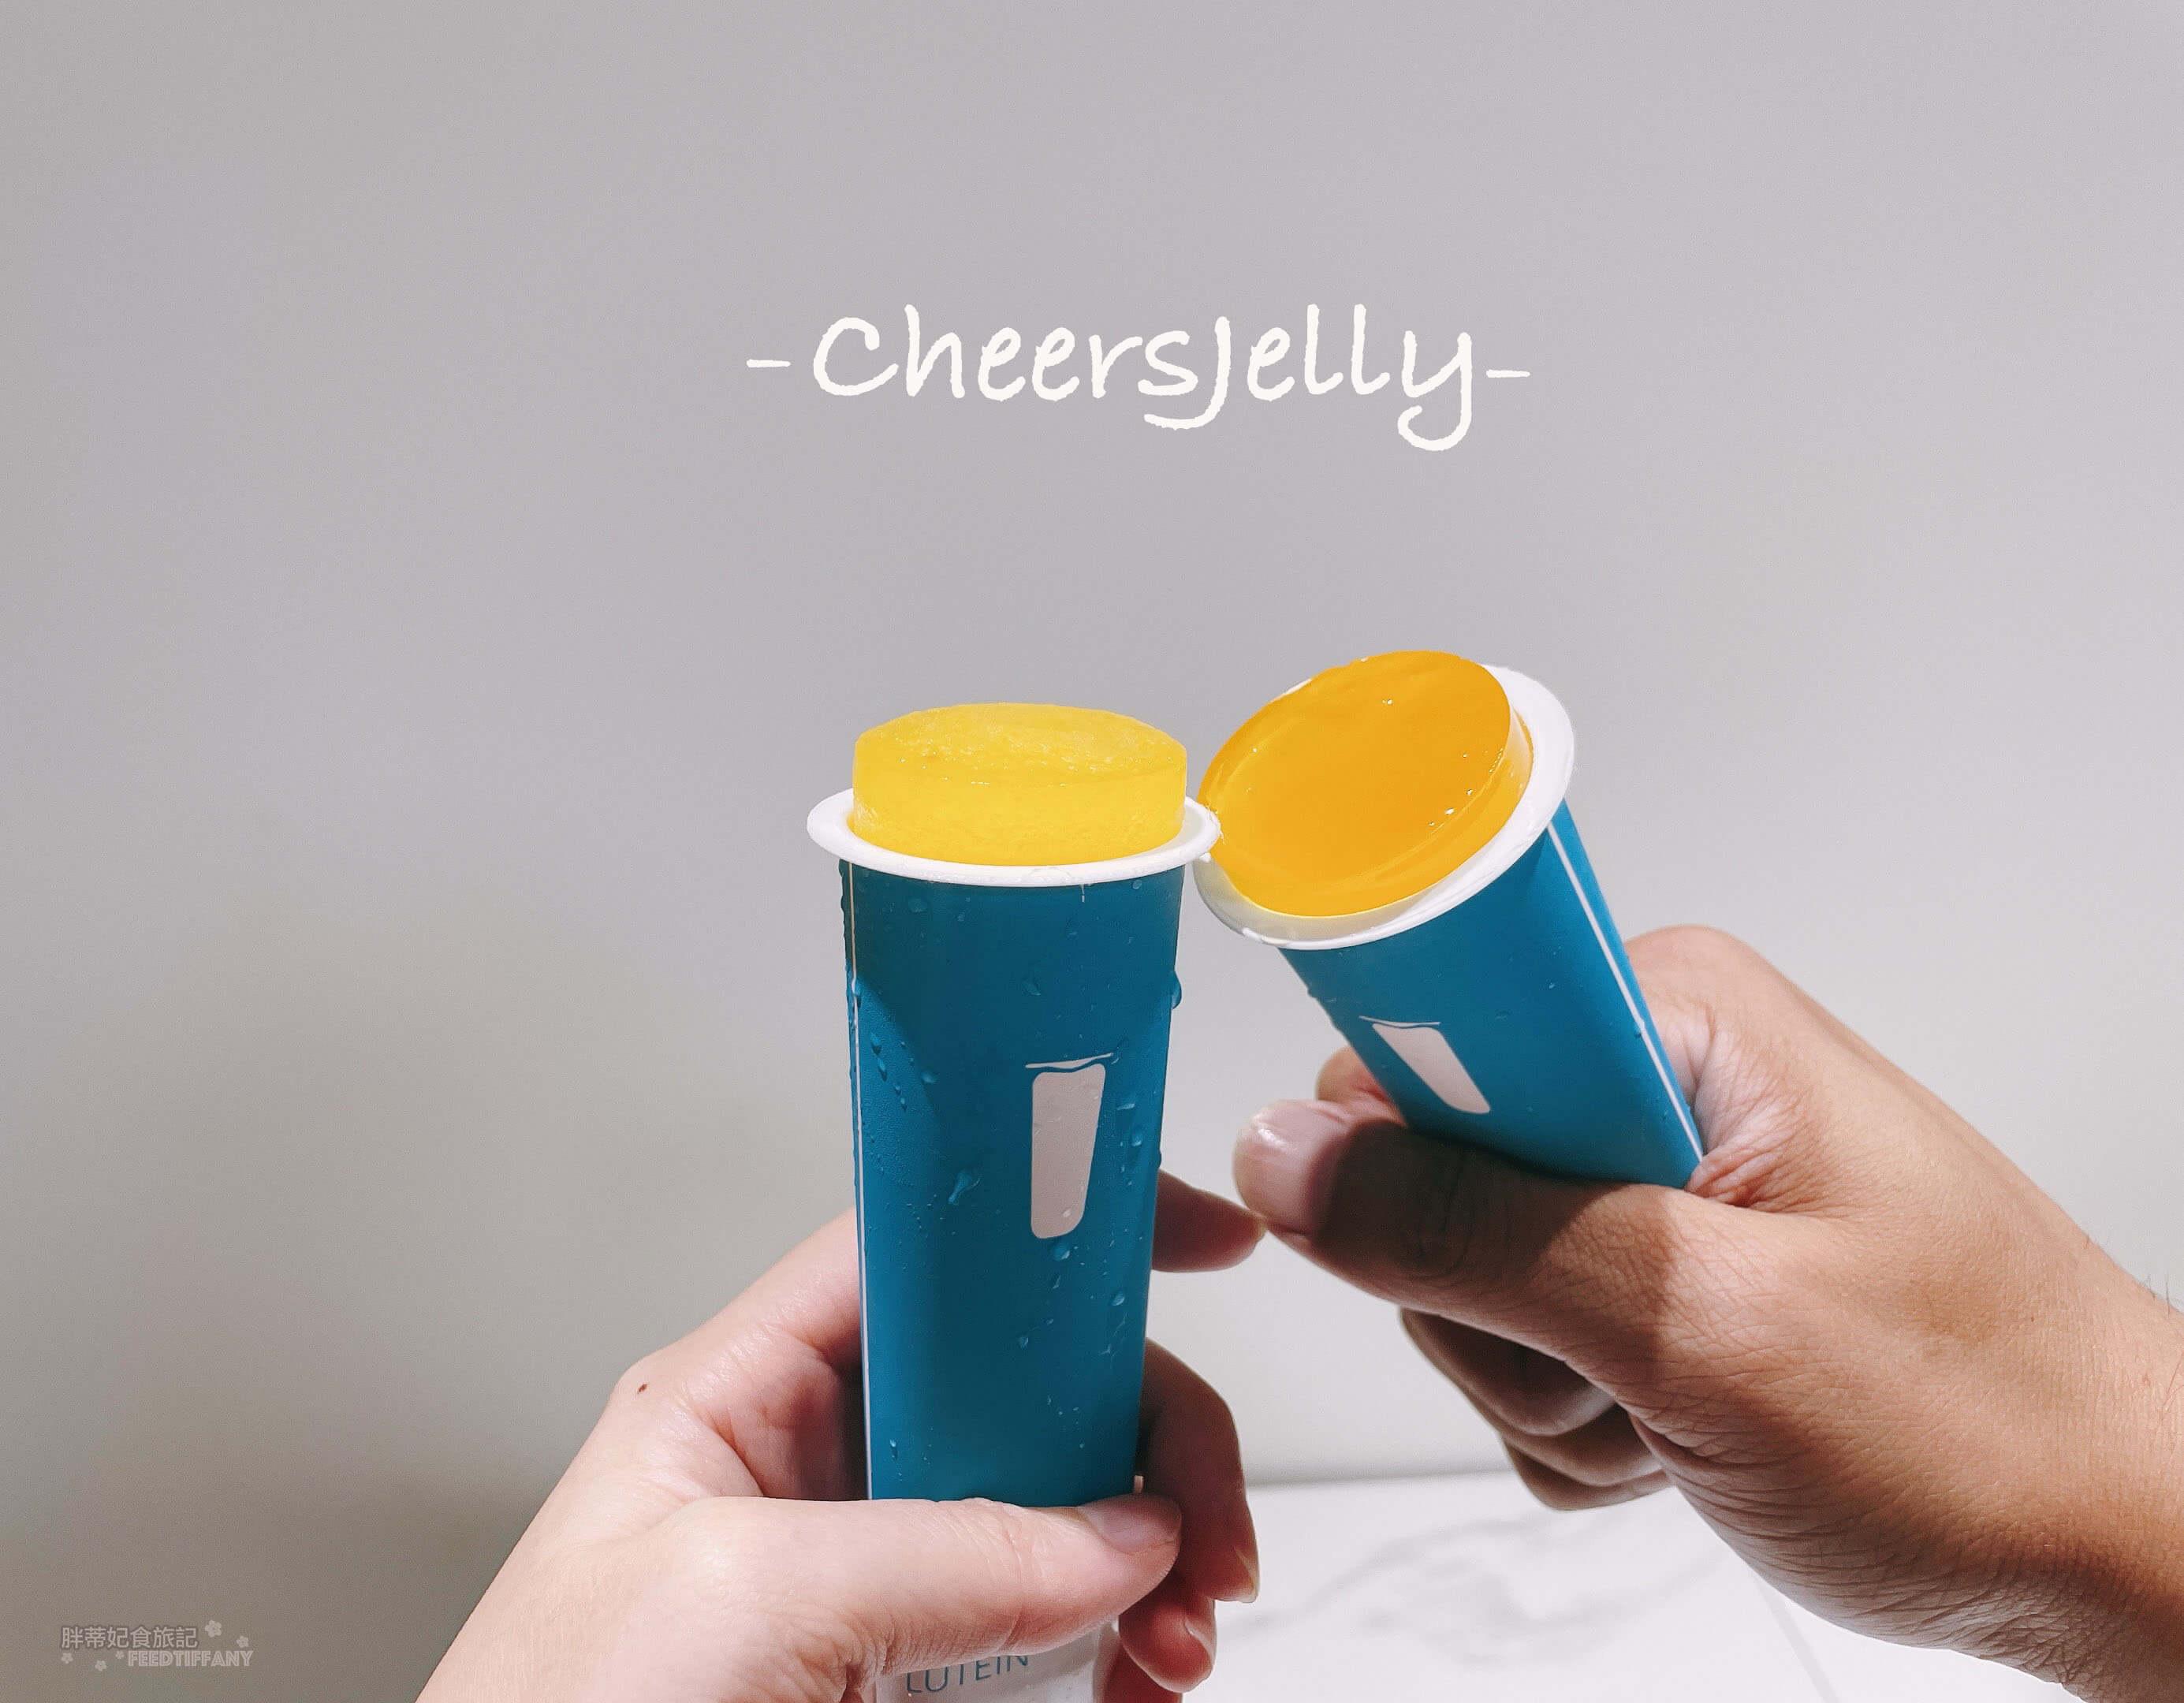 CheersJelly 舉杯慶祝